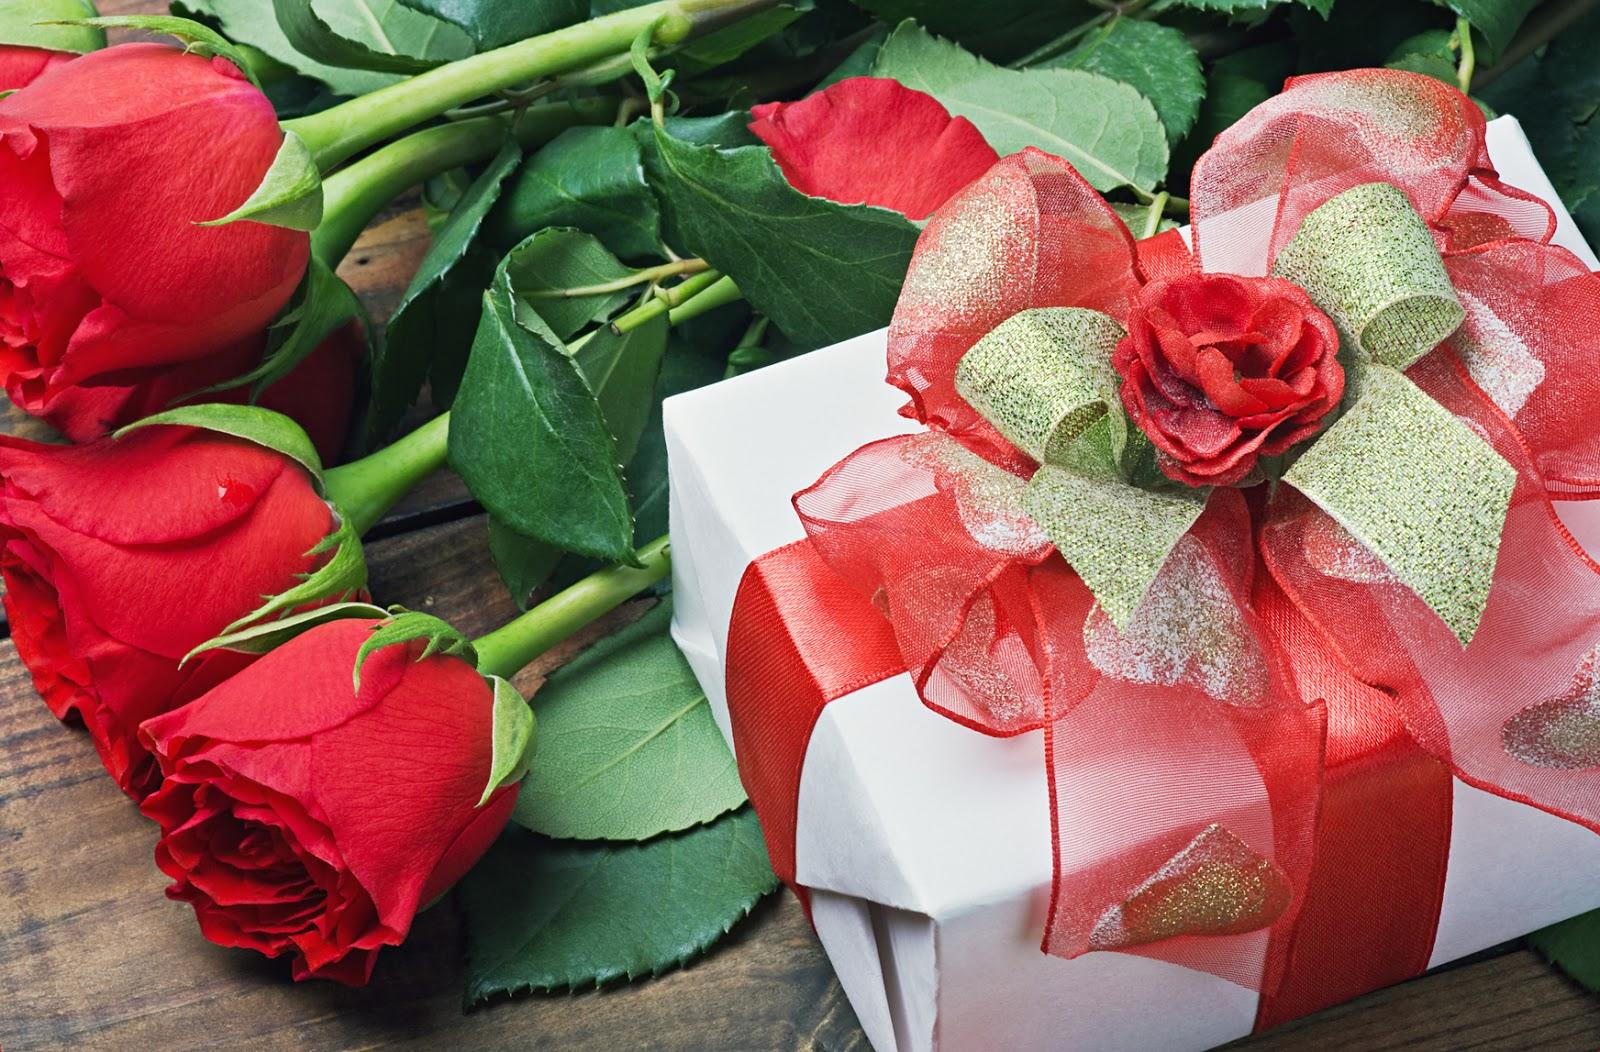 BANCO DE IMÁGENES: Rosas rojas y regalo - Imágenes de Amor